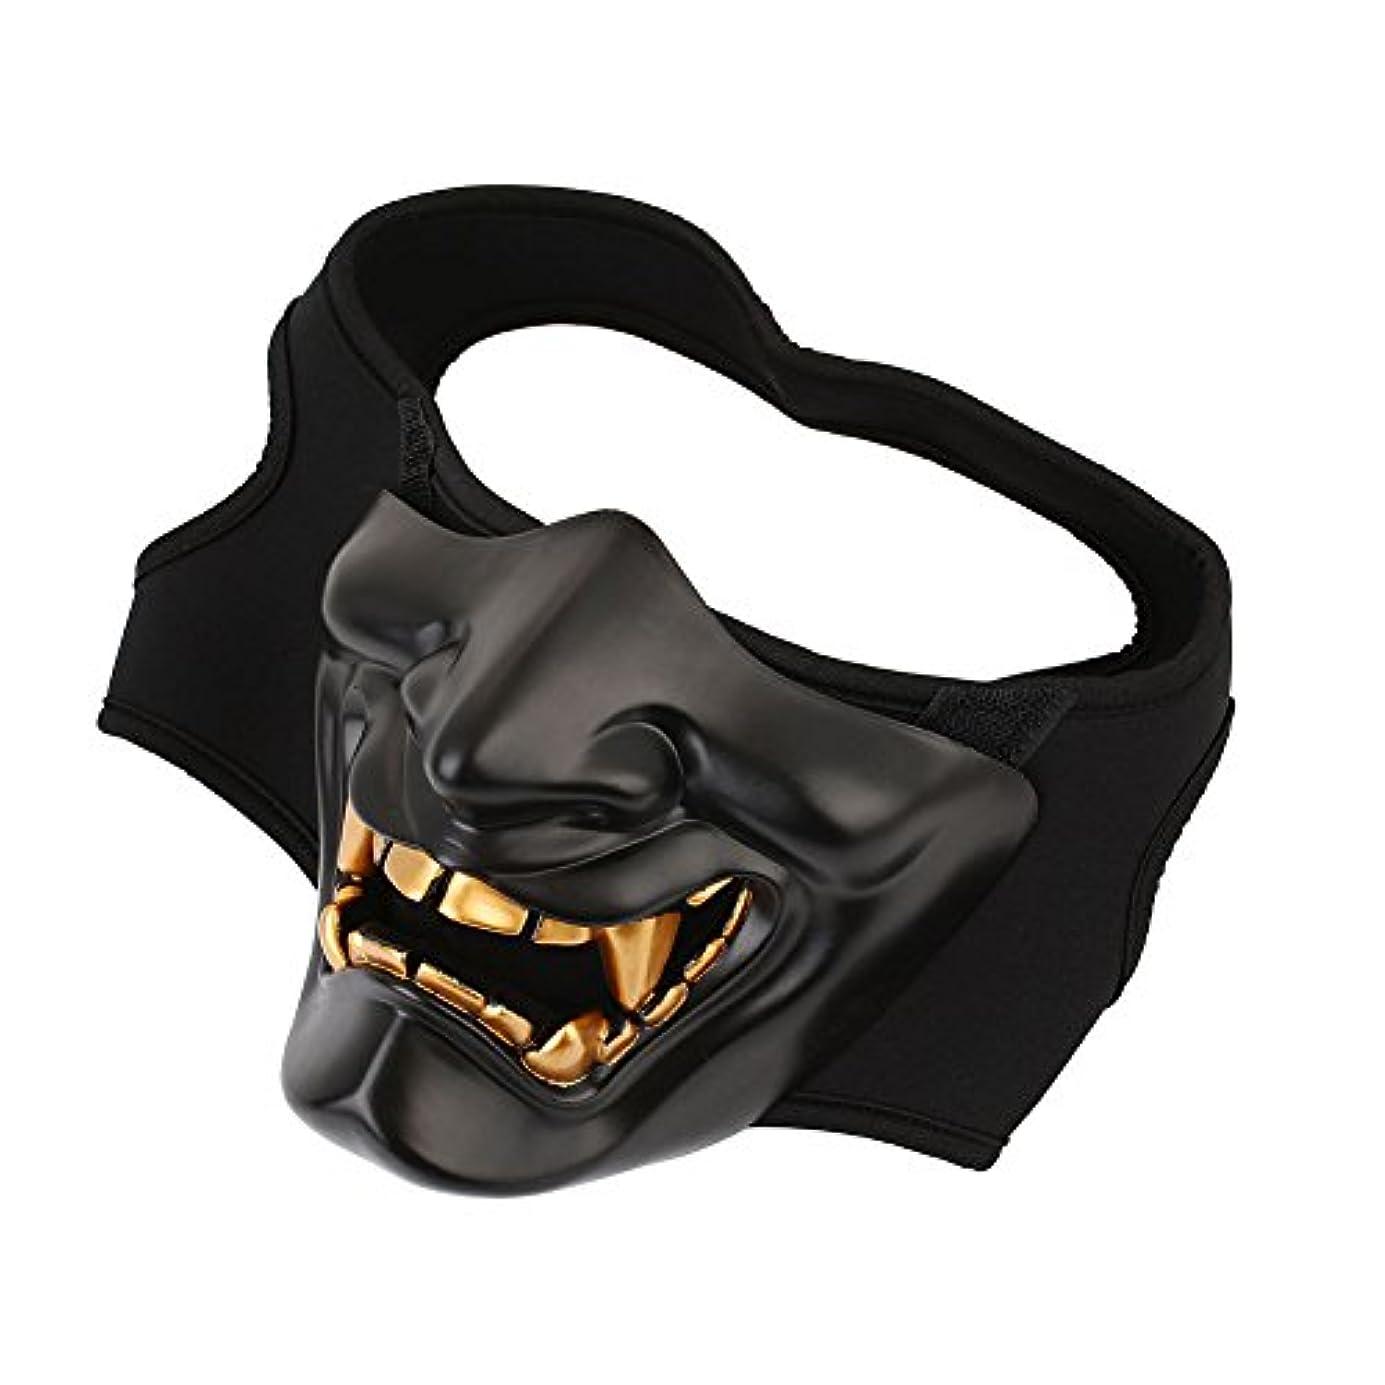 オリエンテーション観察する起こるAuntwhale ハロウィーンマスク大人恐怖コスチューム、悪魔ファンシーマスカレードパーティーハロウィンマスク、フェスティバル通気性ギフトヘッドマスク - ブラック